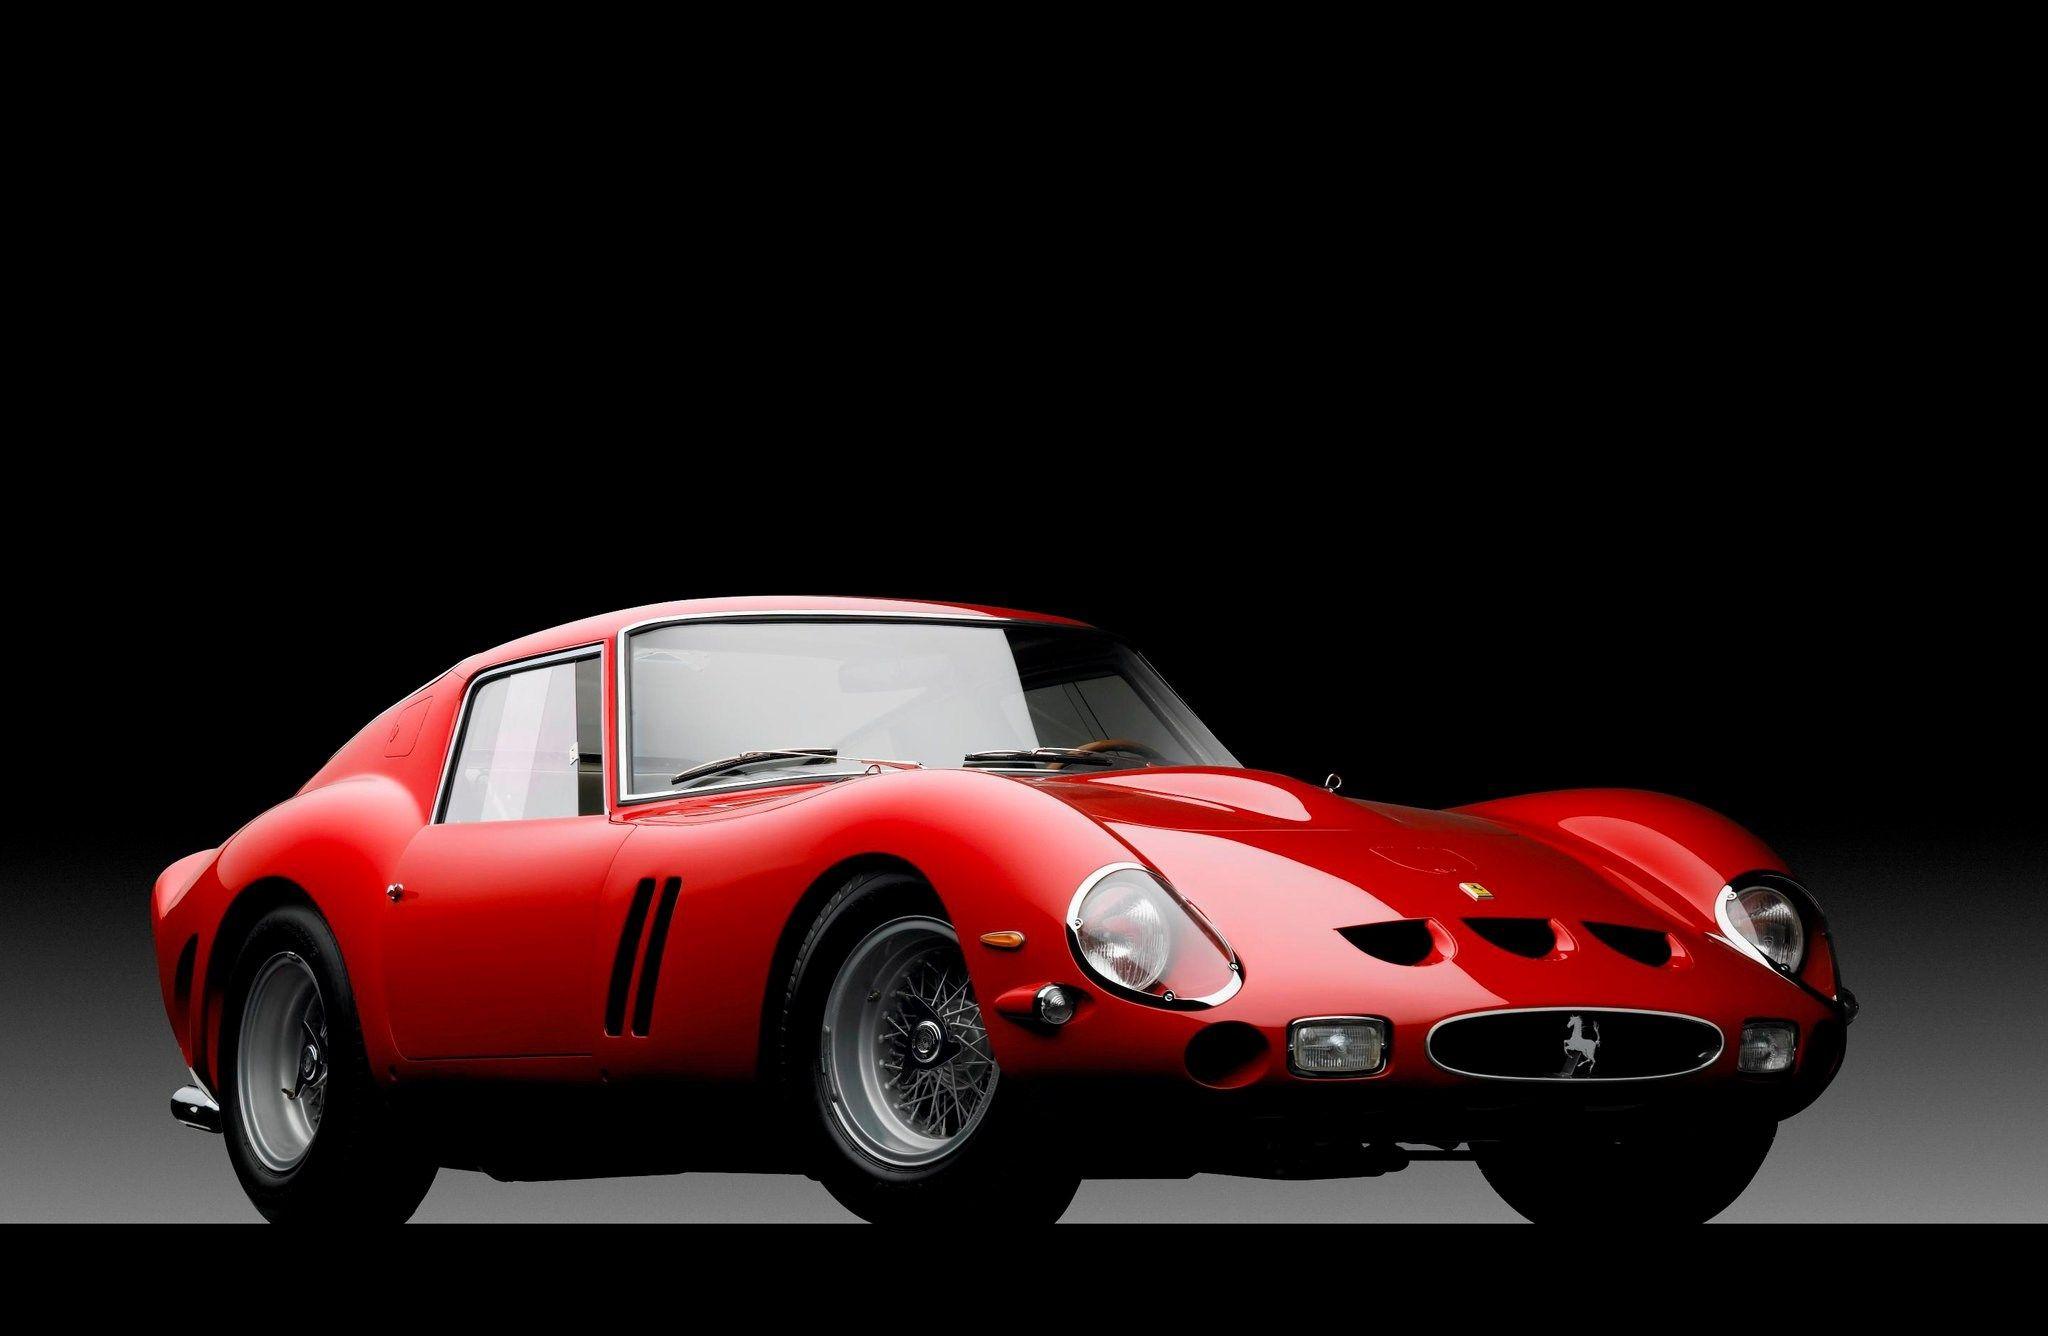 Ferrari Picture Full Hd Wallpapers Photos 171 Kb Wilbur